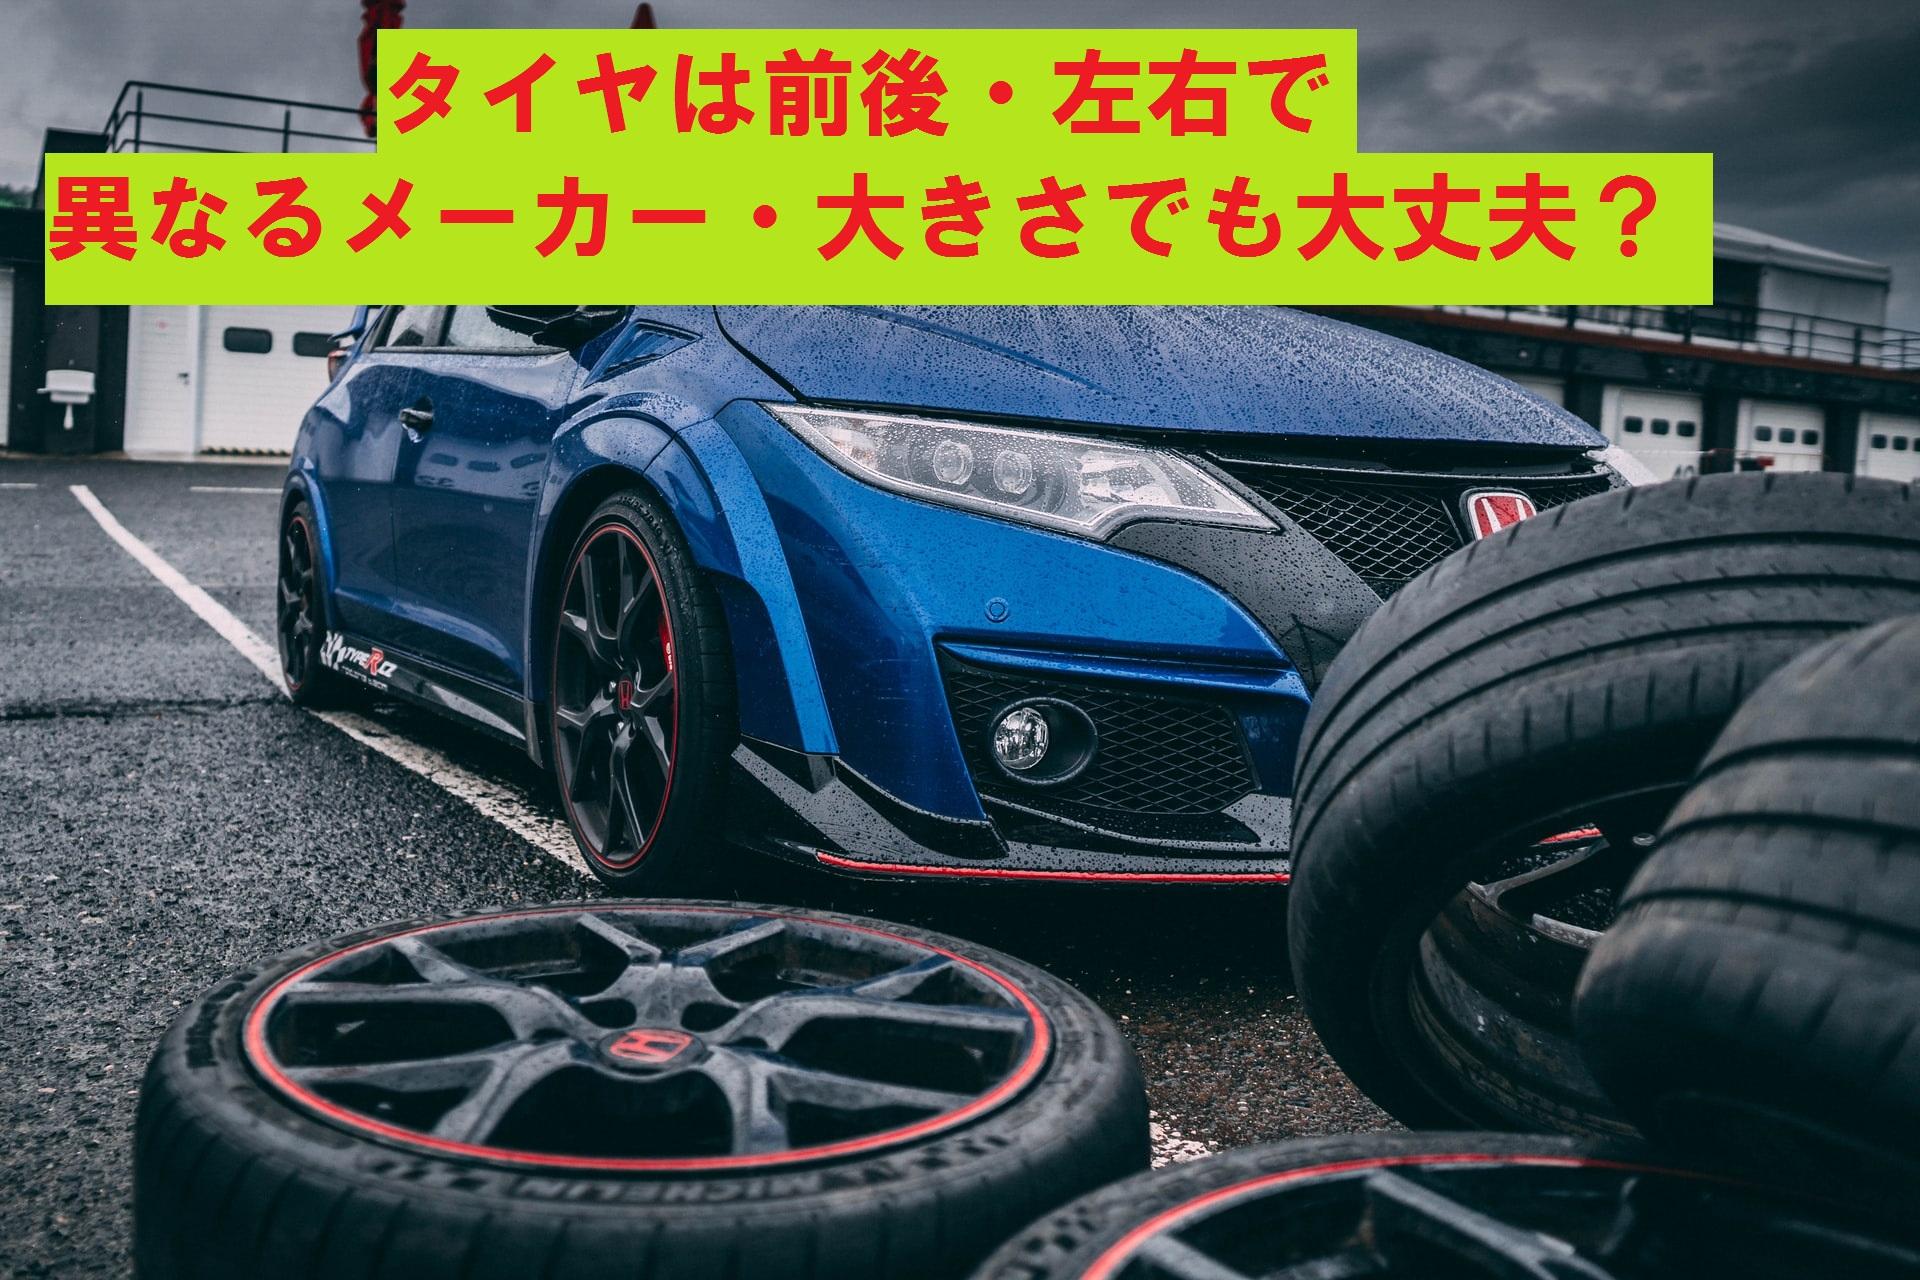 【注意点】タイヤは前後で違うメーカー・大きさで大丈夫?【銘柄・車検・FF・FR・4WD】